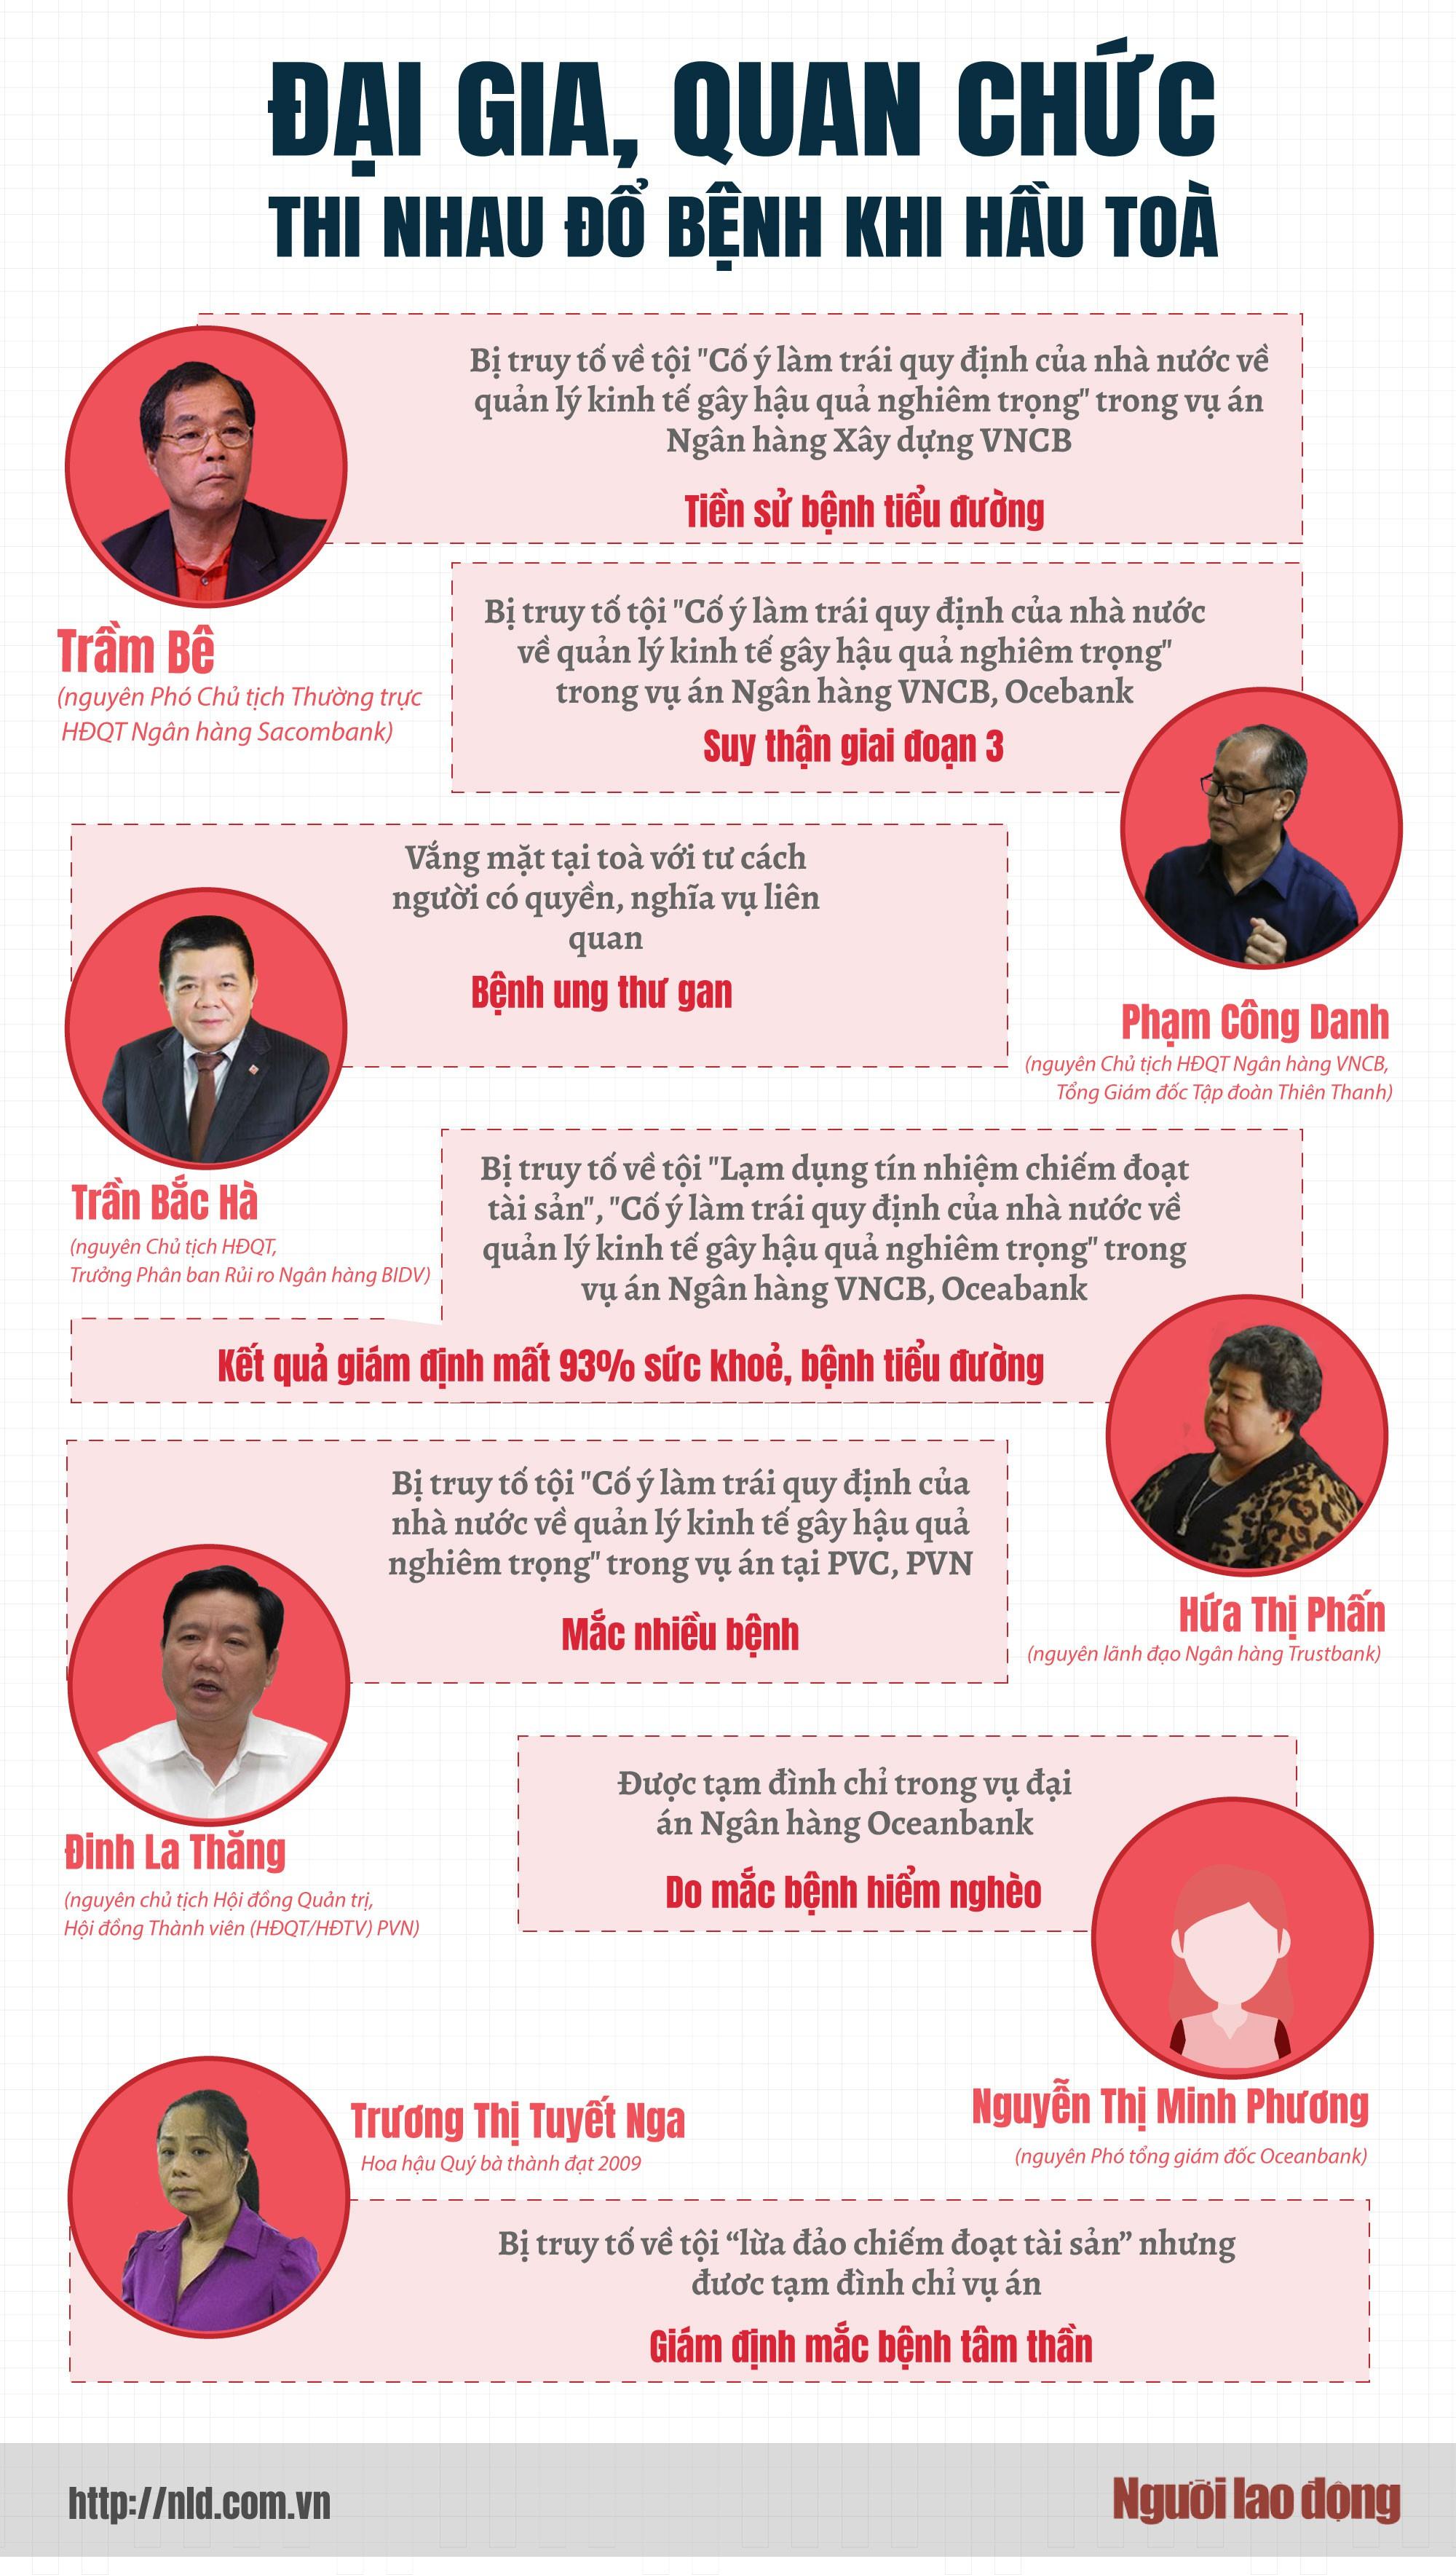 (Infographic) - Đại gia, quan chức thi nhau... đổ bệnh! - ảnh 1